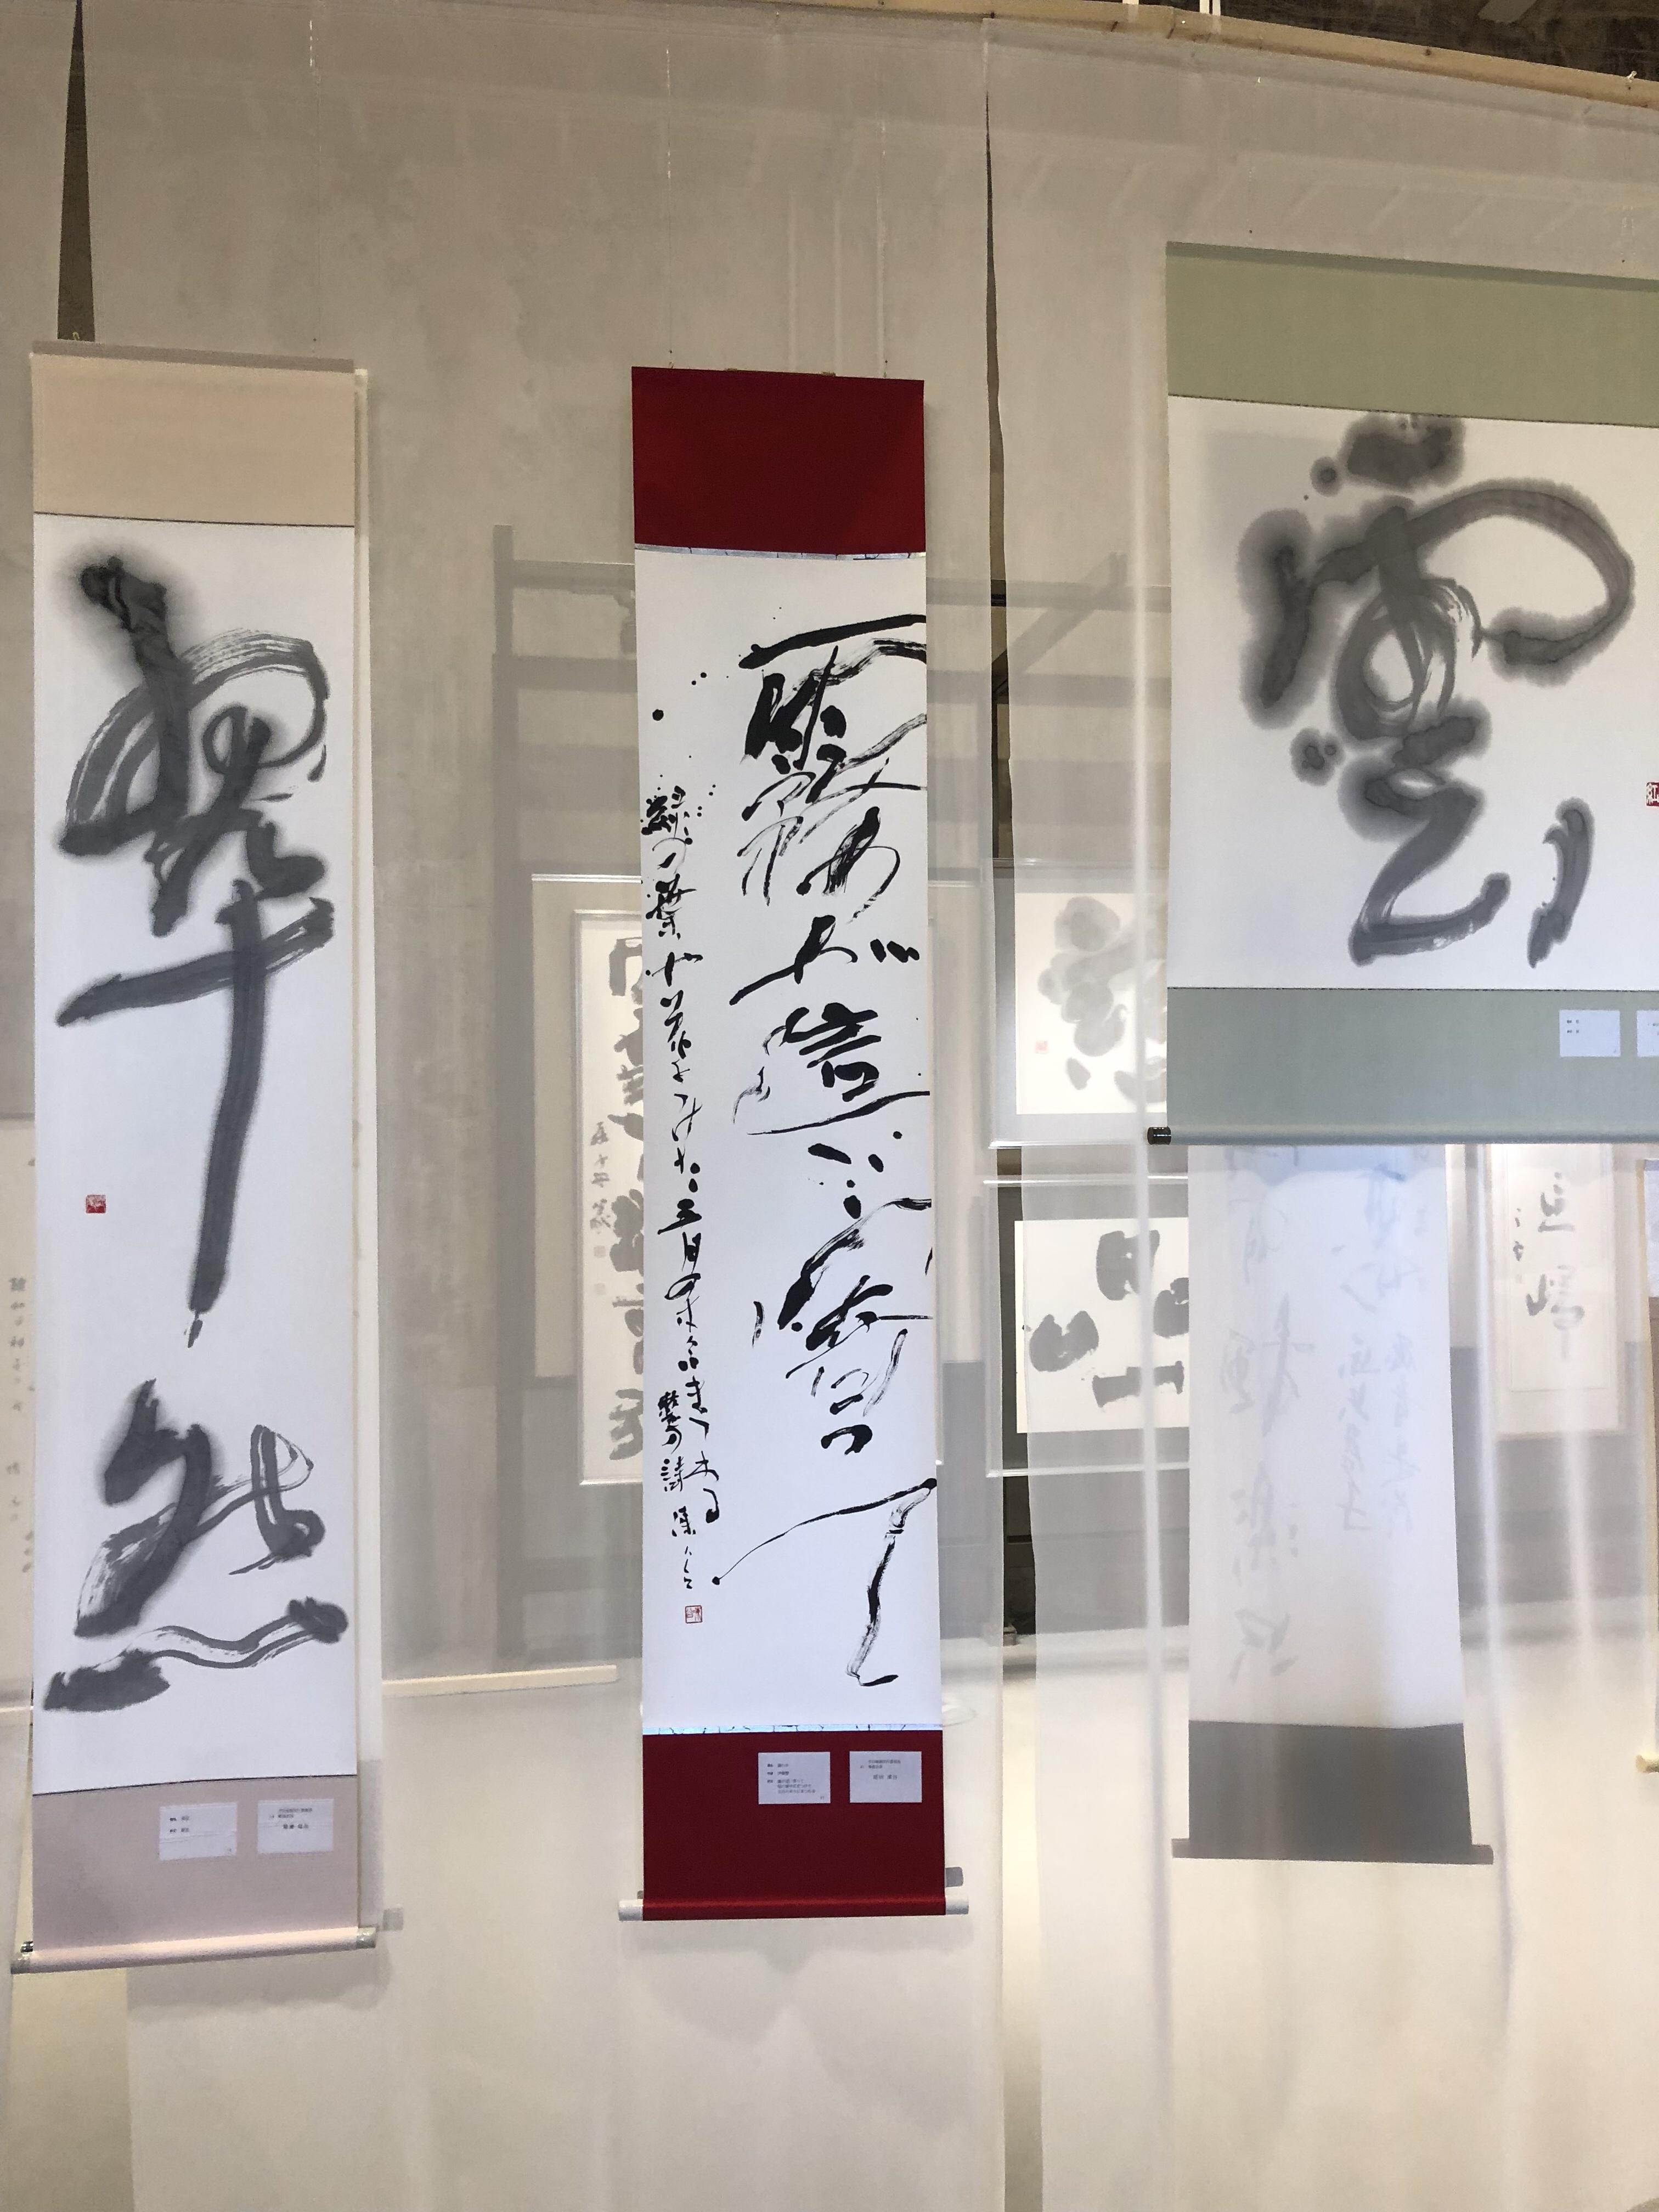 原田凍谷登絖社会長作品